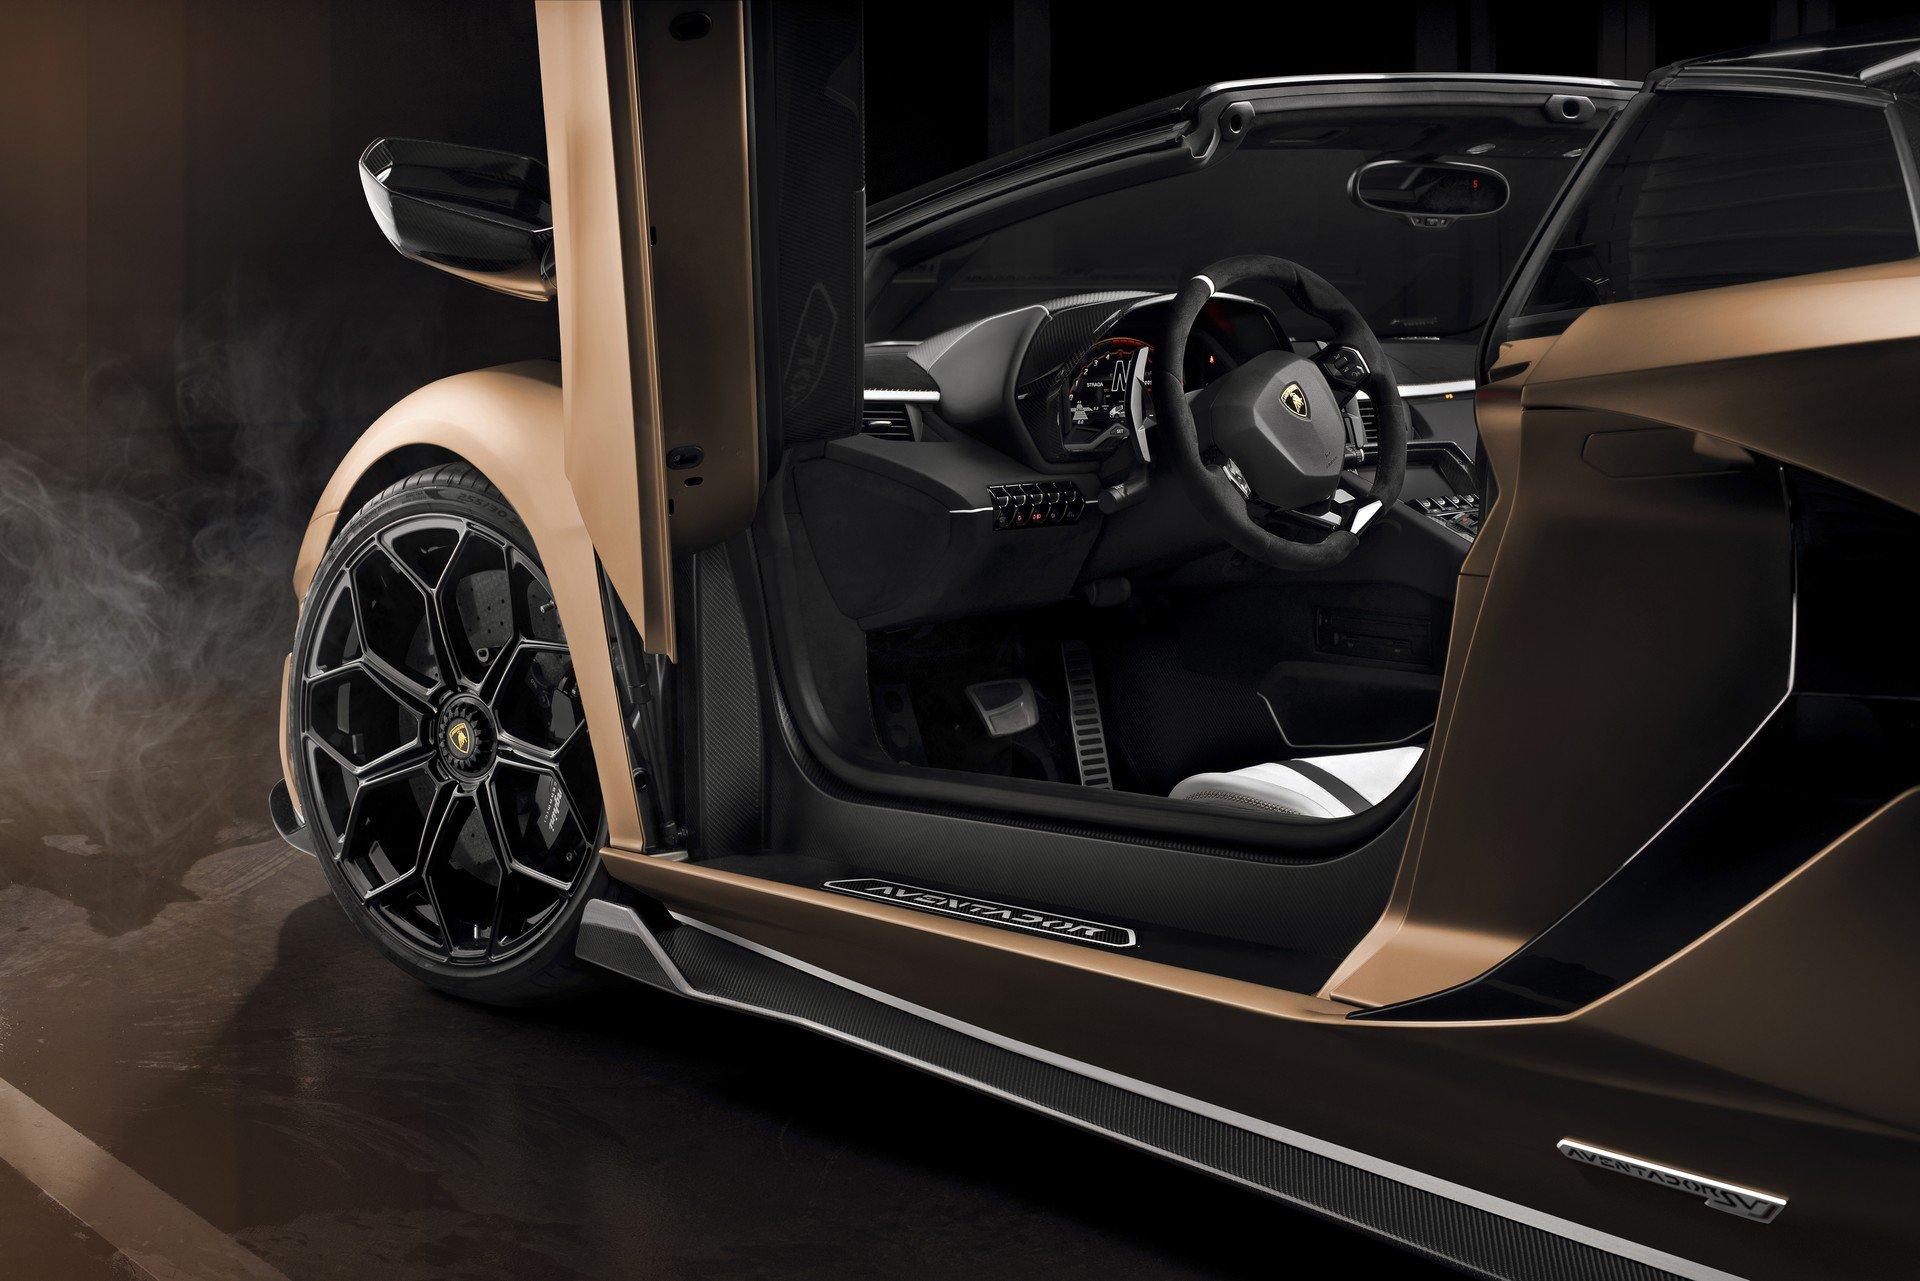 2020 lamborghini aventador svj roadster review  autoevolution